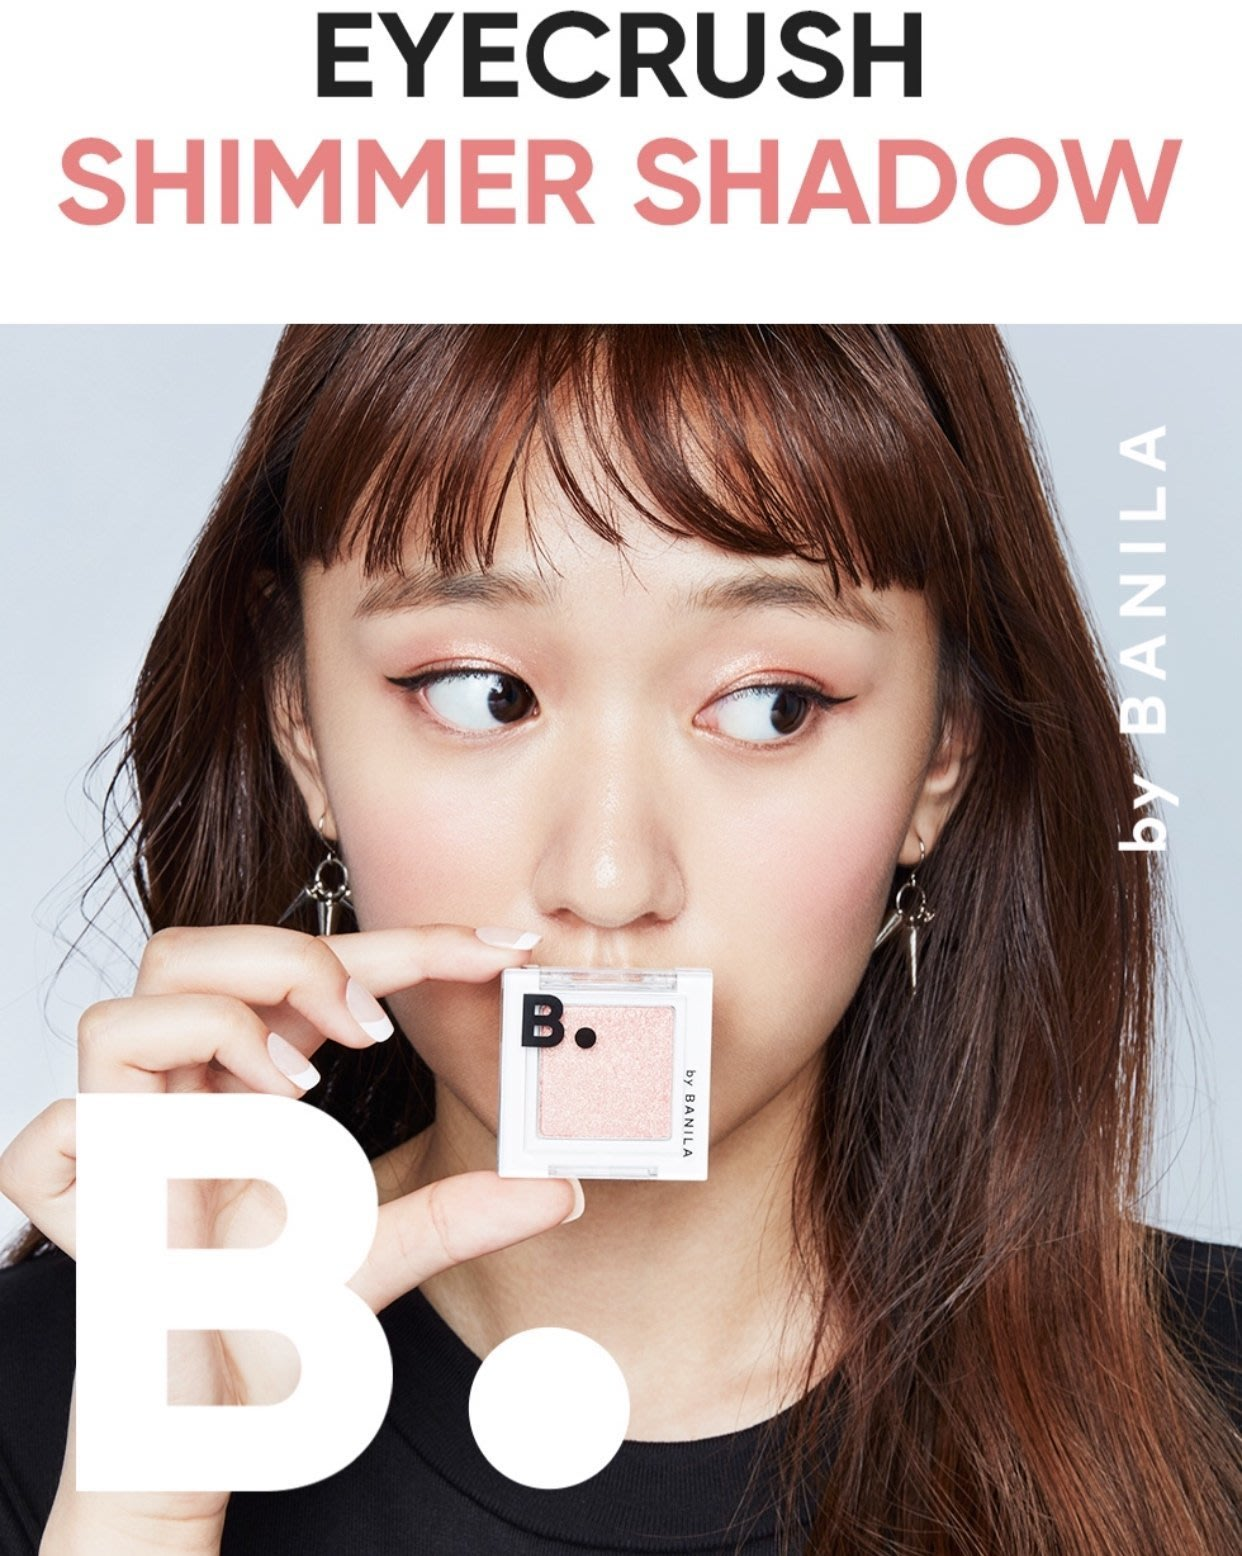 【韓Lin連線代購】韓國B. by Banila co-2017秋冬 2017秋冬 EYECRUSH SHIMMER眼影